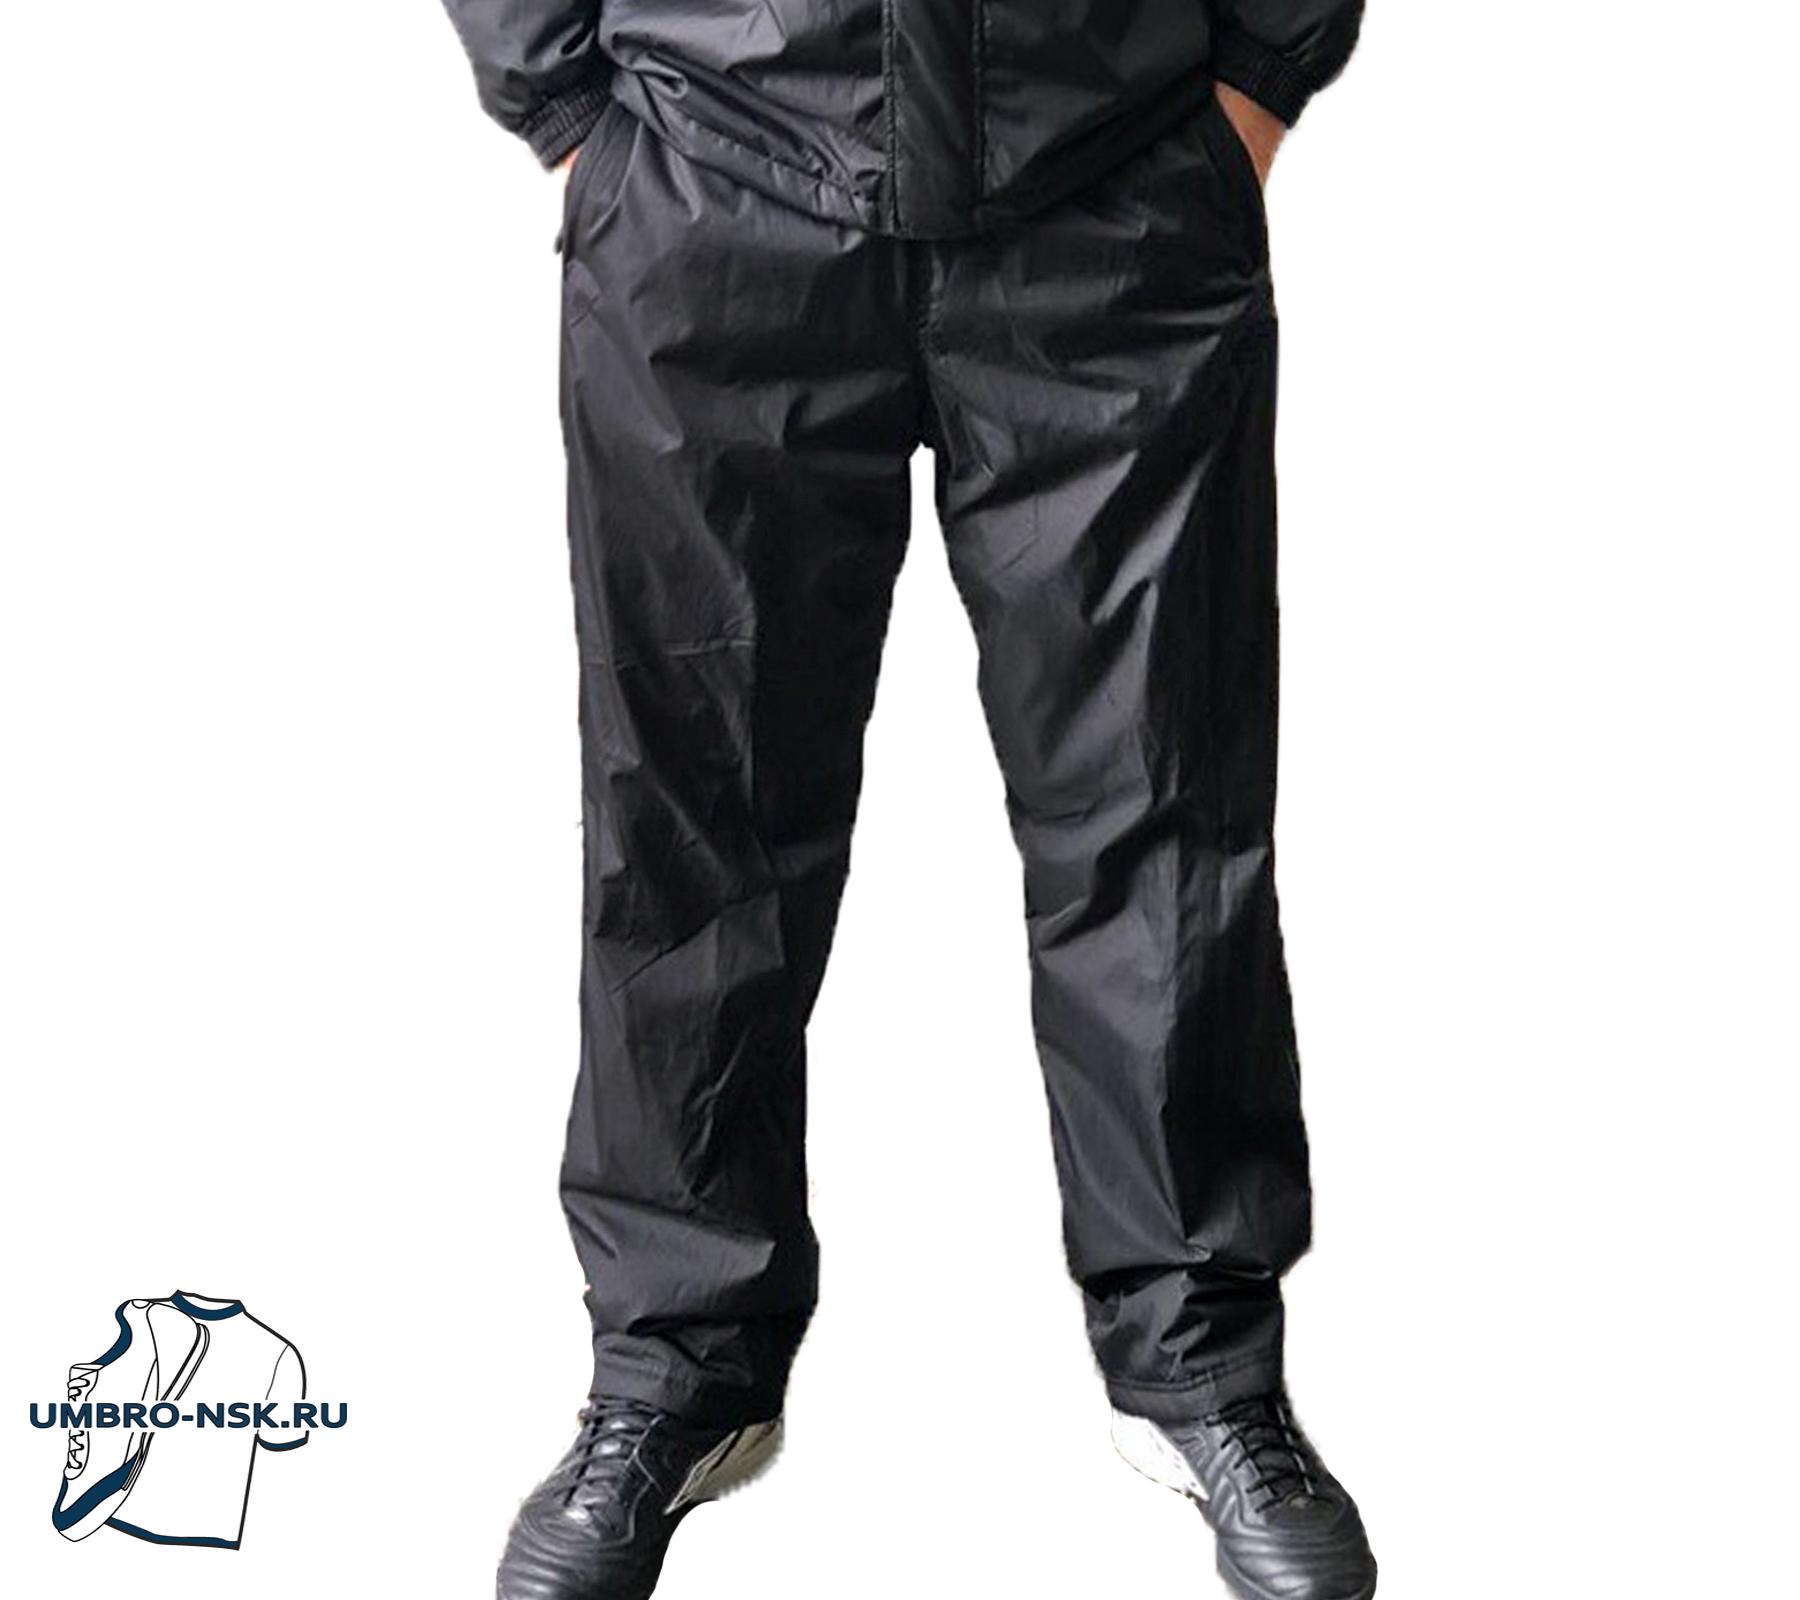 утеплённые брюки umbro owen